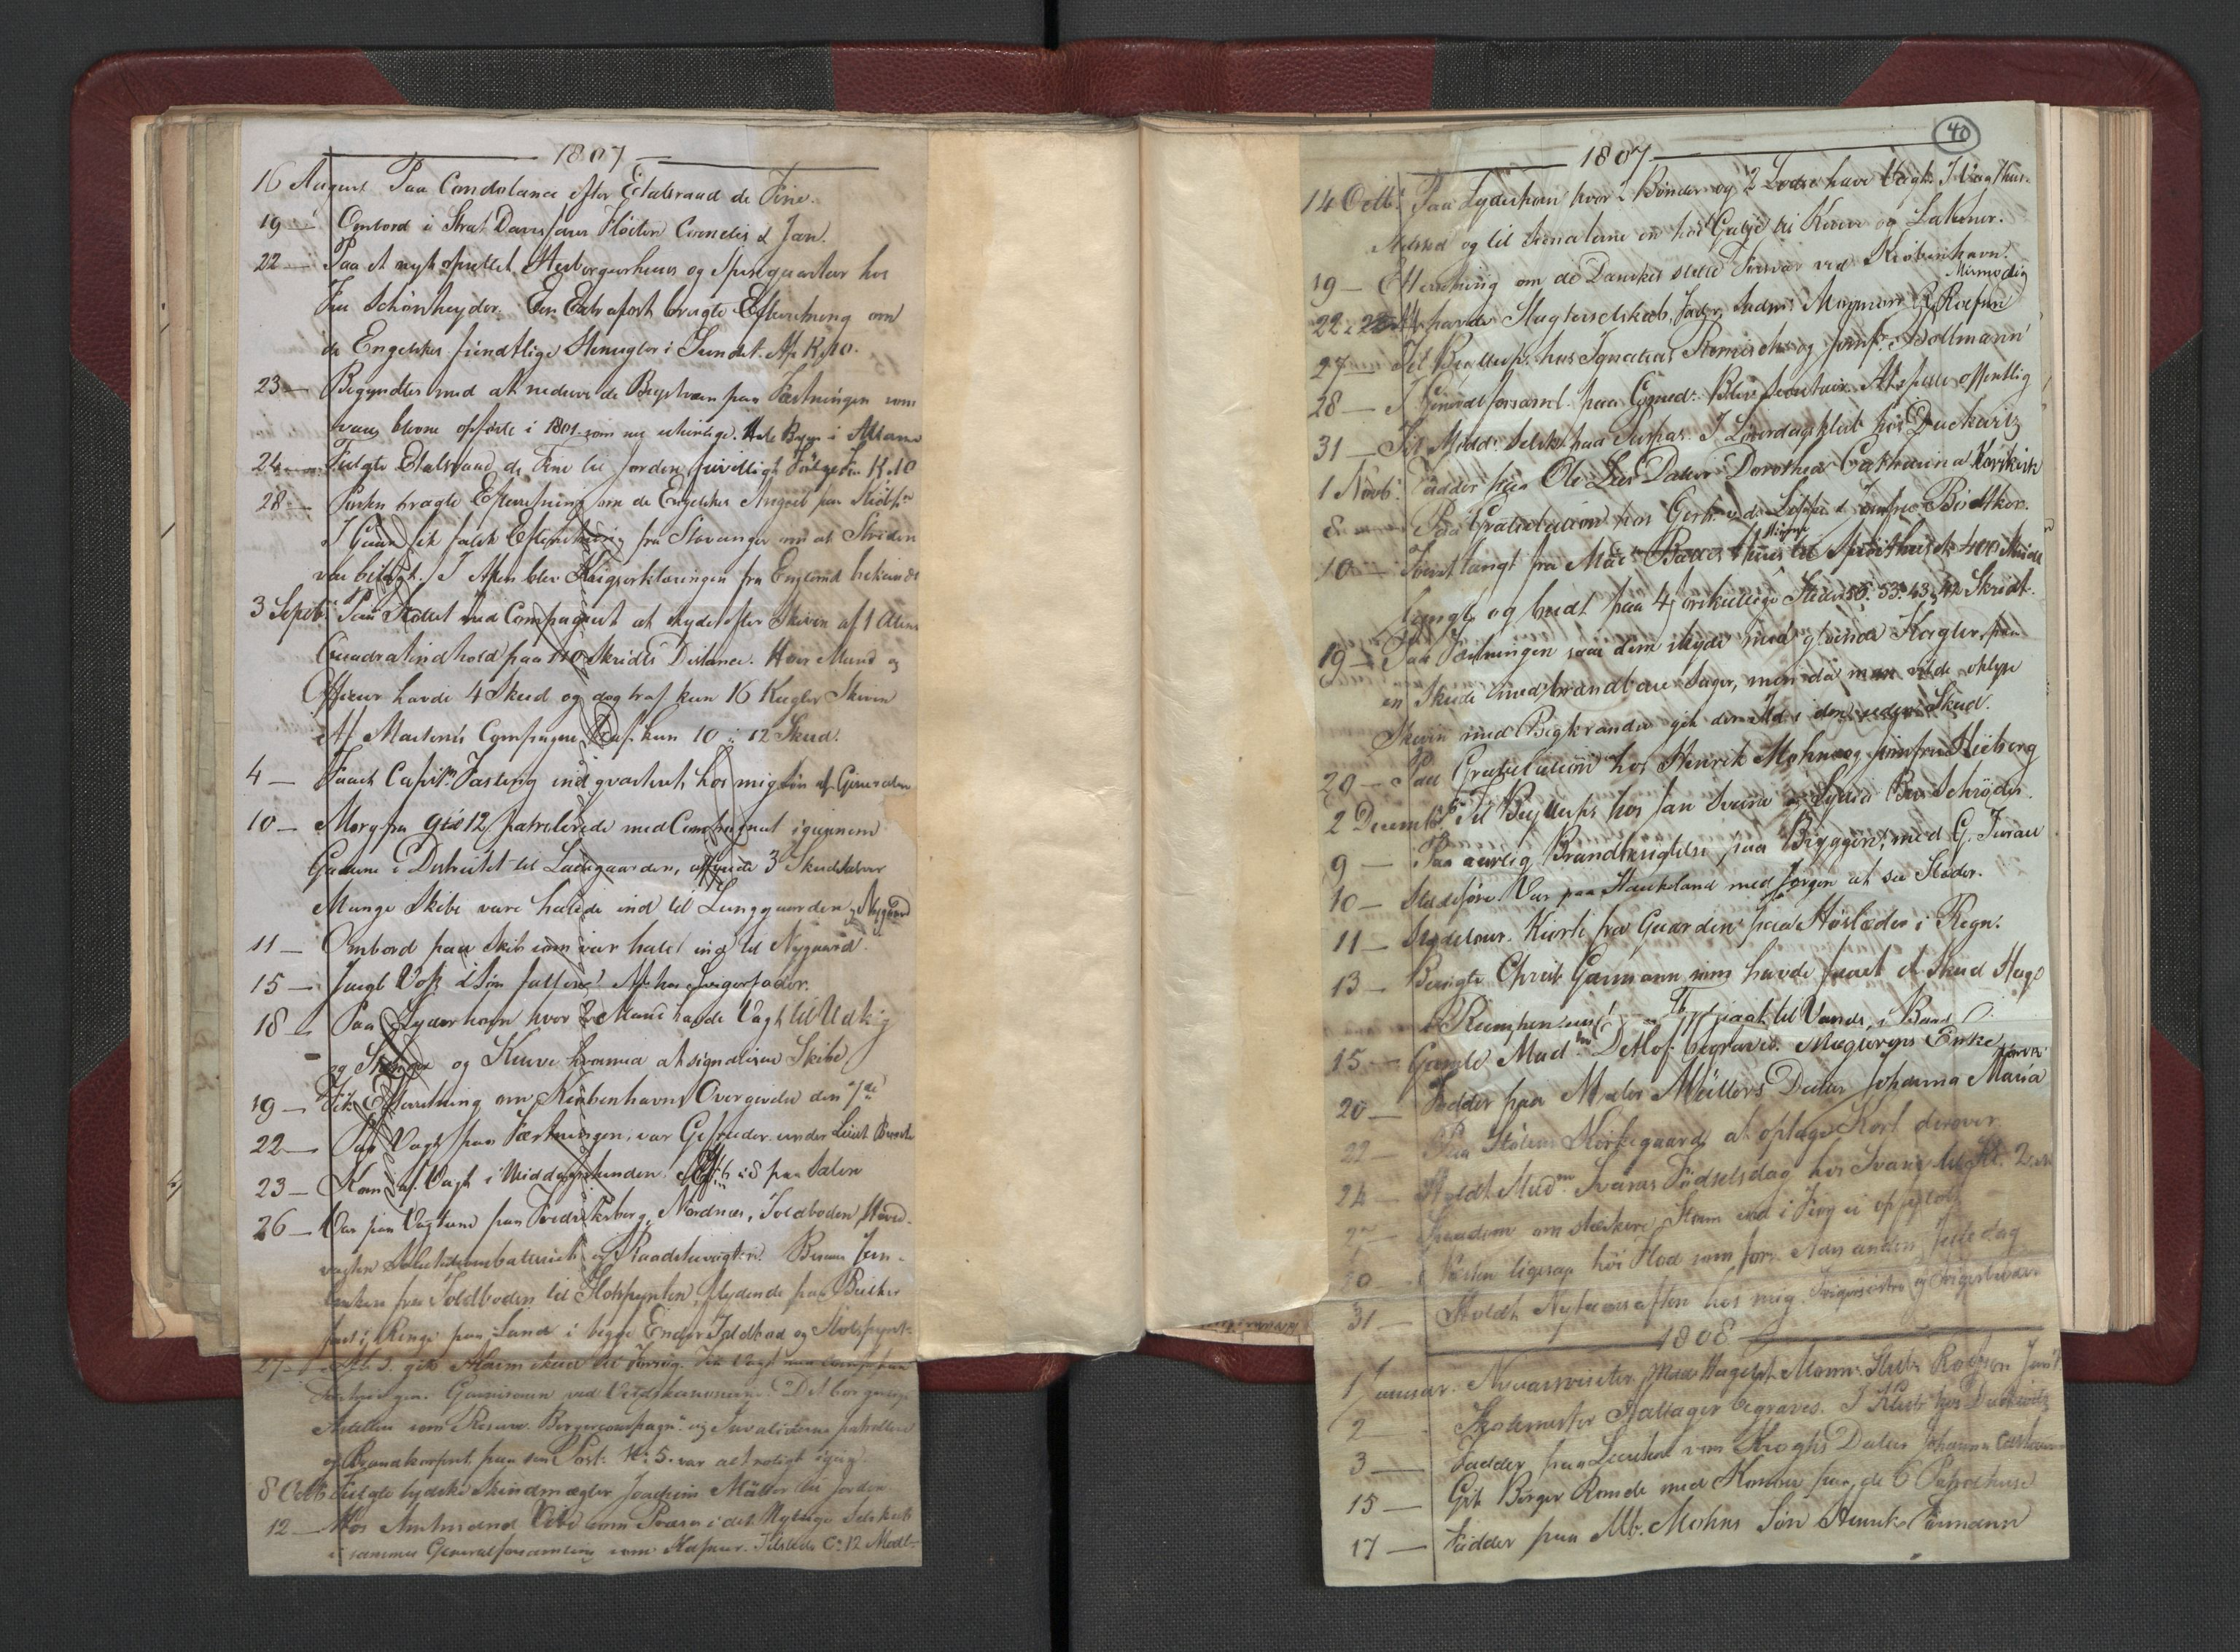 RA, Meltzer, Fredrik, F/L0002: Dagbok, 1796-1808, s. 39b-40a